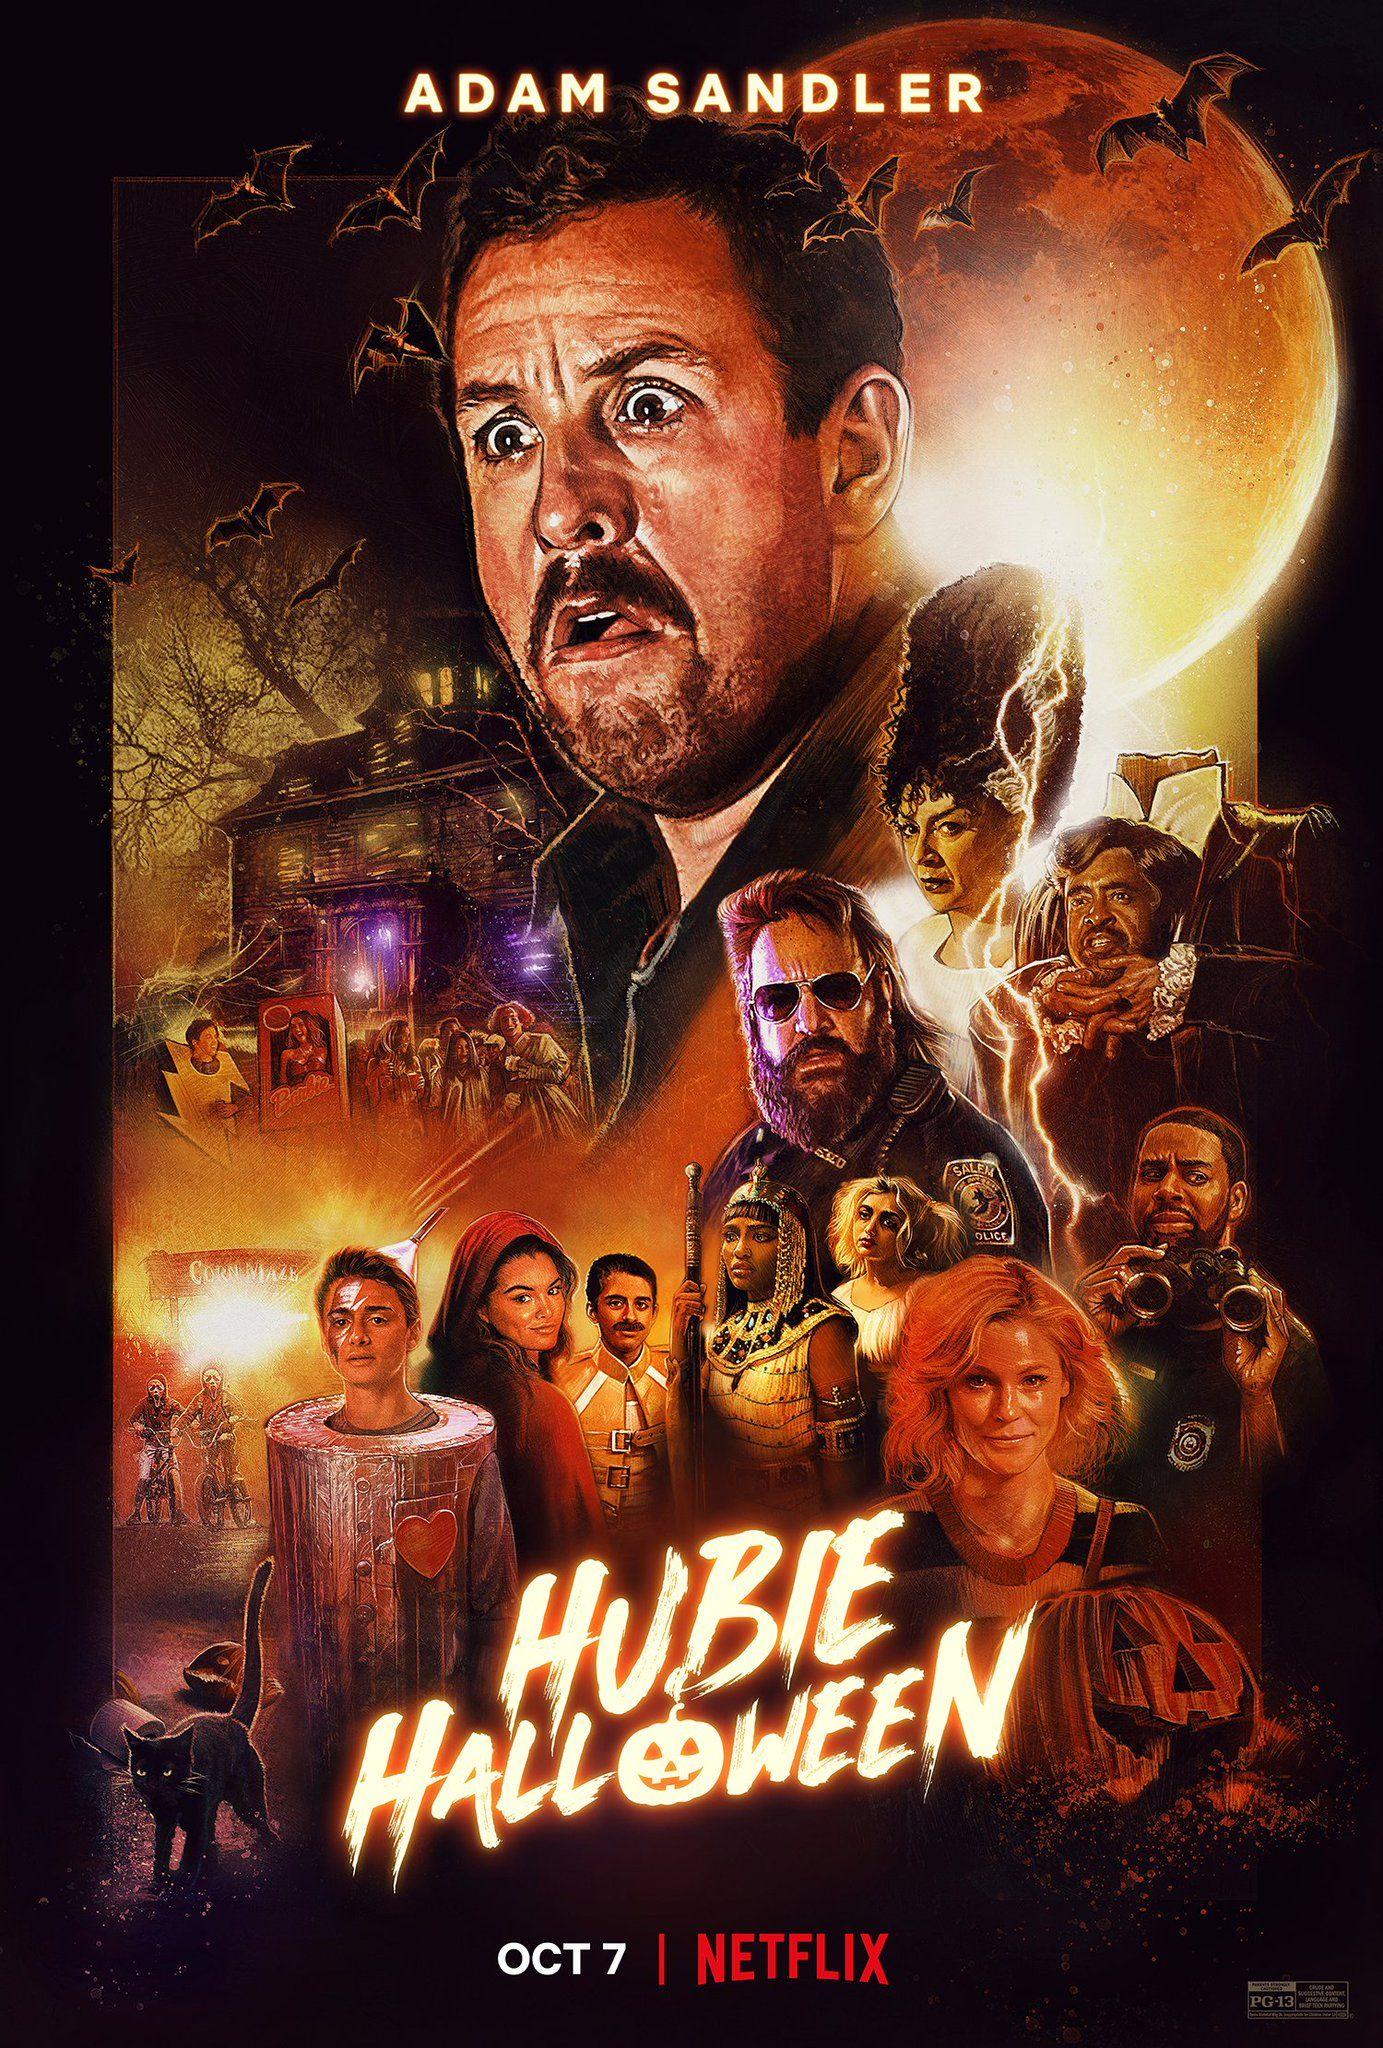 Netflixfilm On Twitter Halloween Movie Poster Adam Sandler Halloween Movies